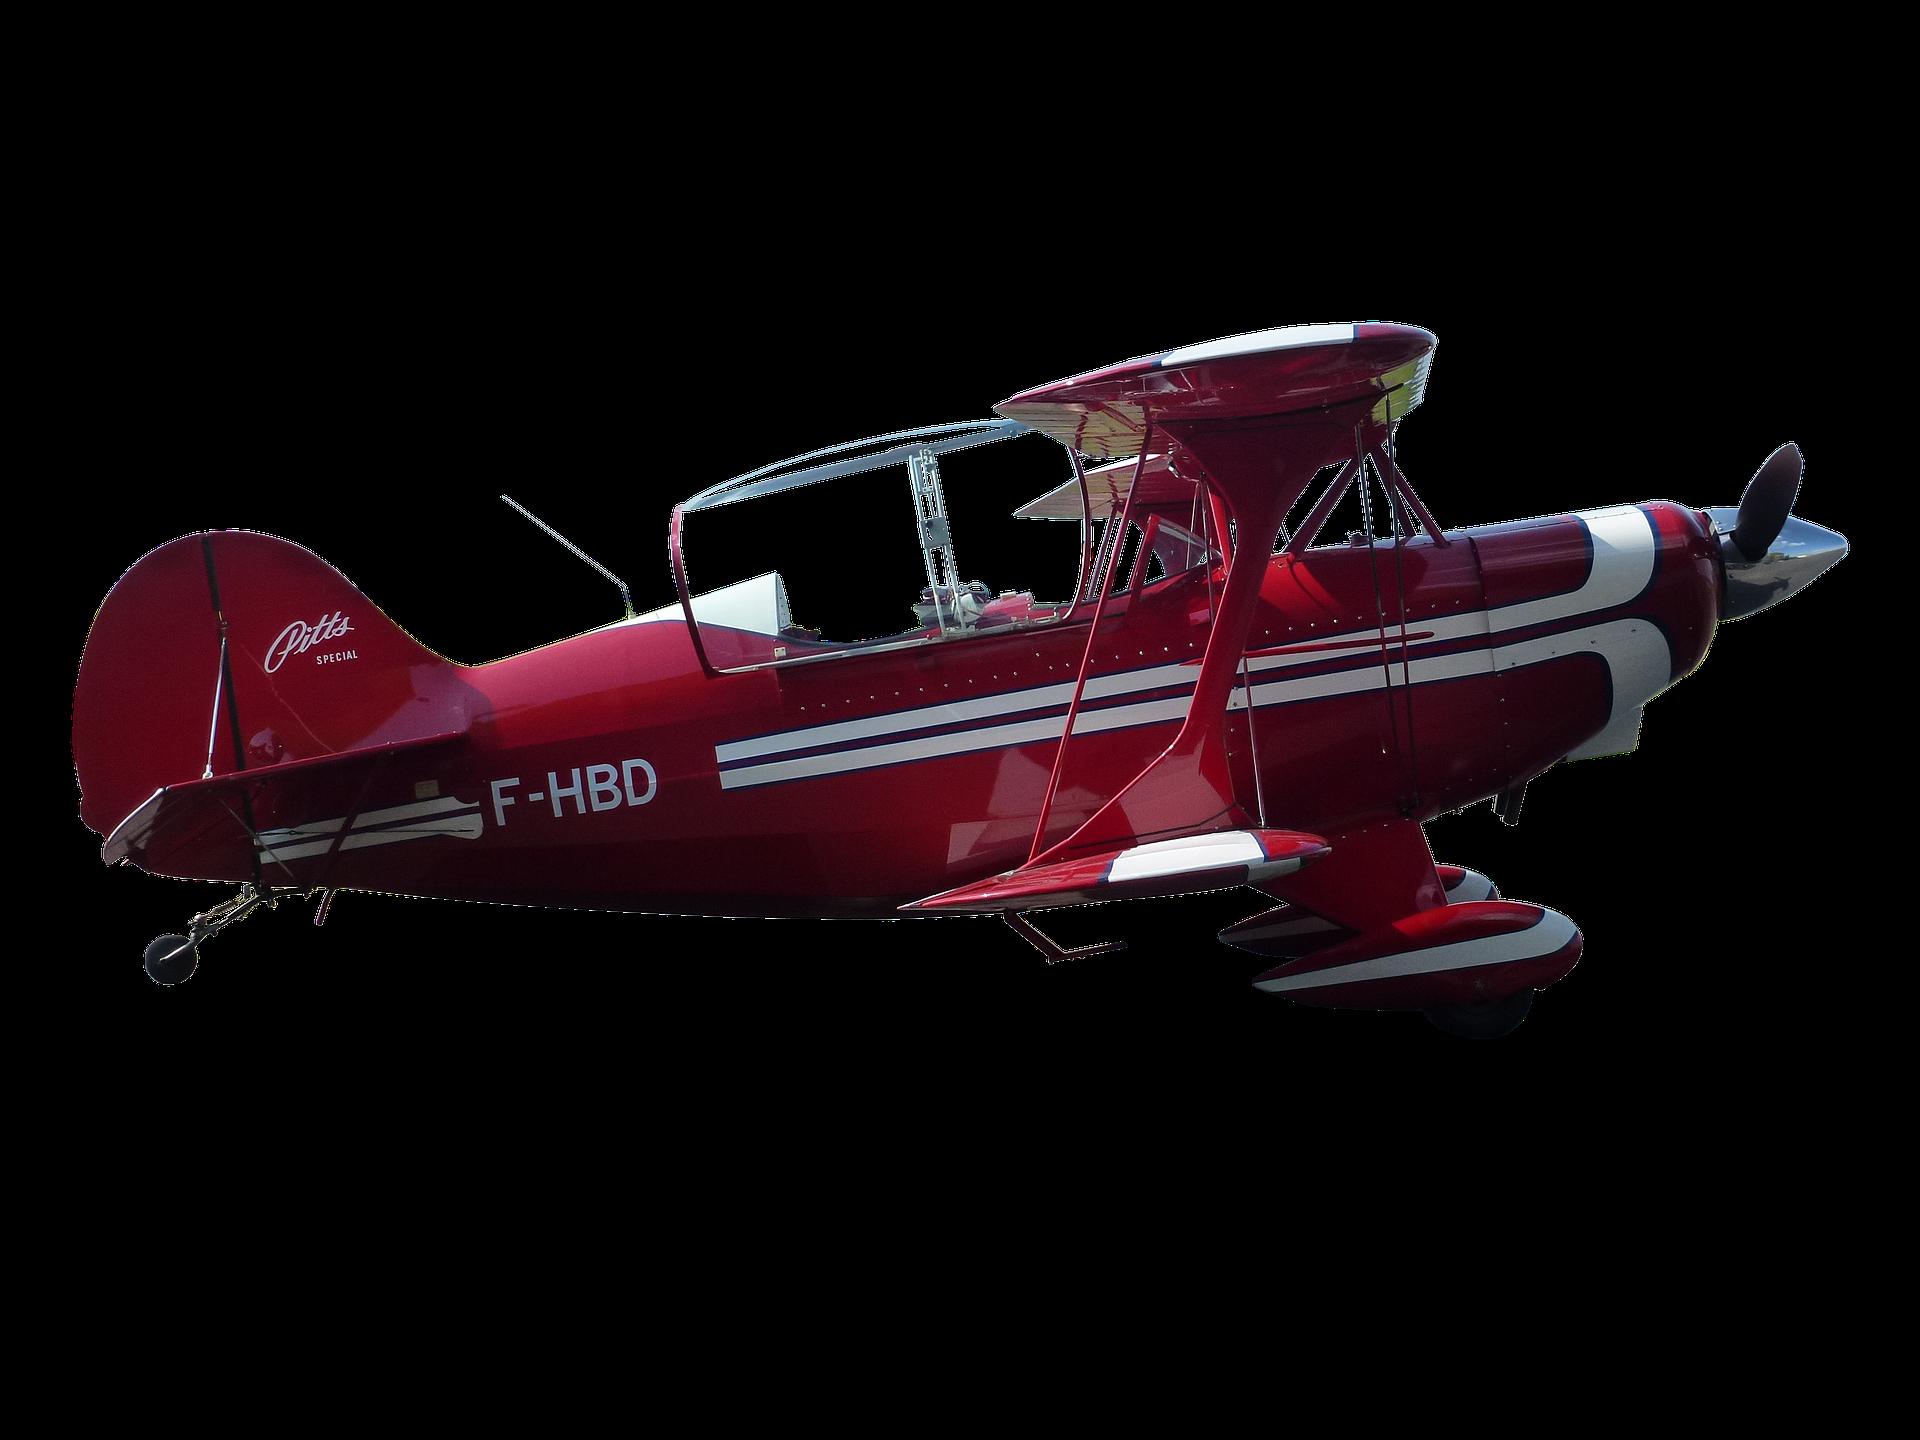 aerobatic-5295836_1920.png